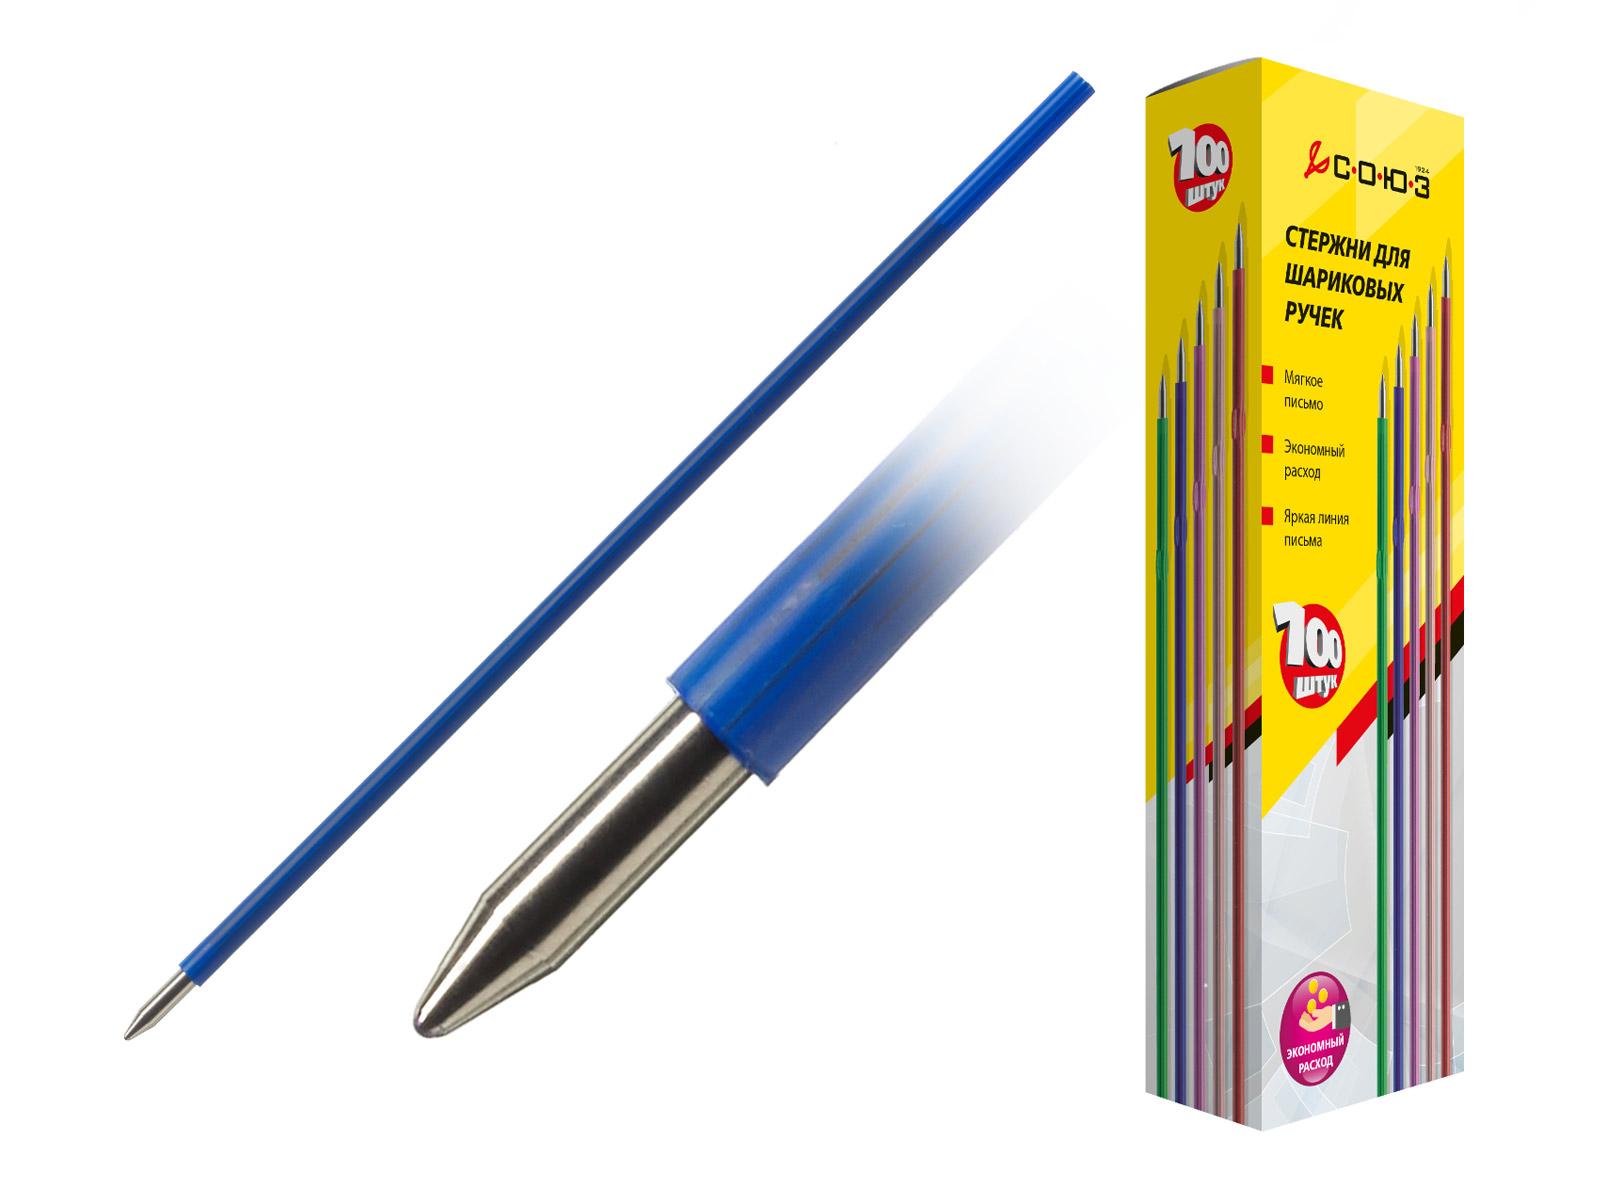 Стержни для шариковых ручек УП133